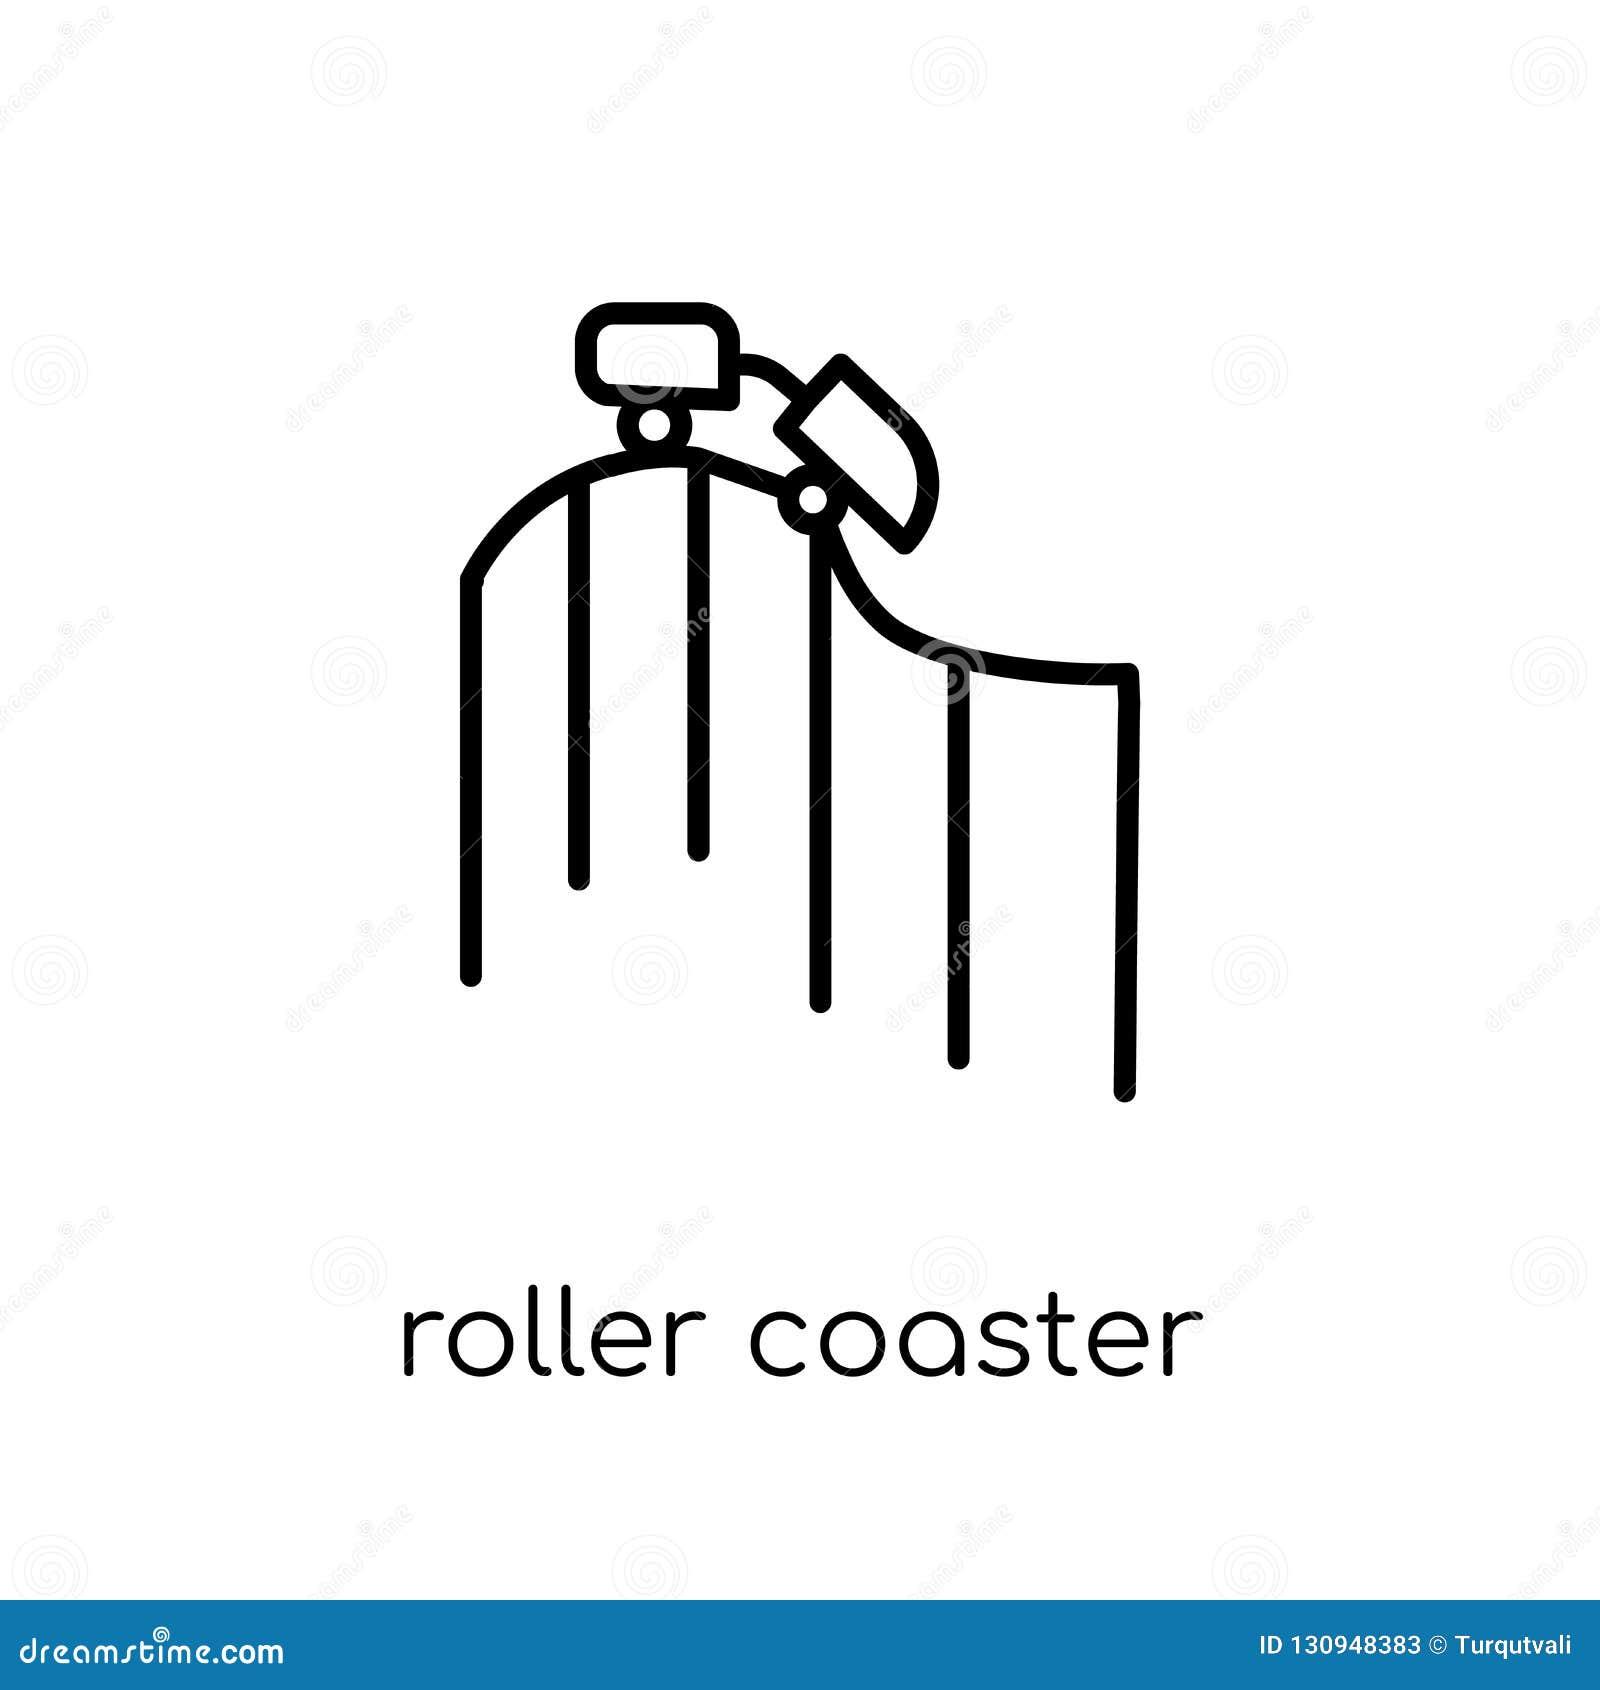 Εικονίδιο ρόλερ κόστερ από τη συλλογή ψυχαγωγίας